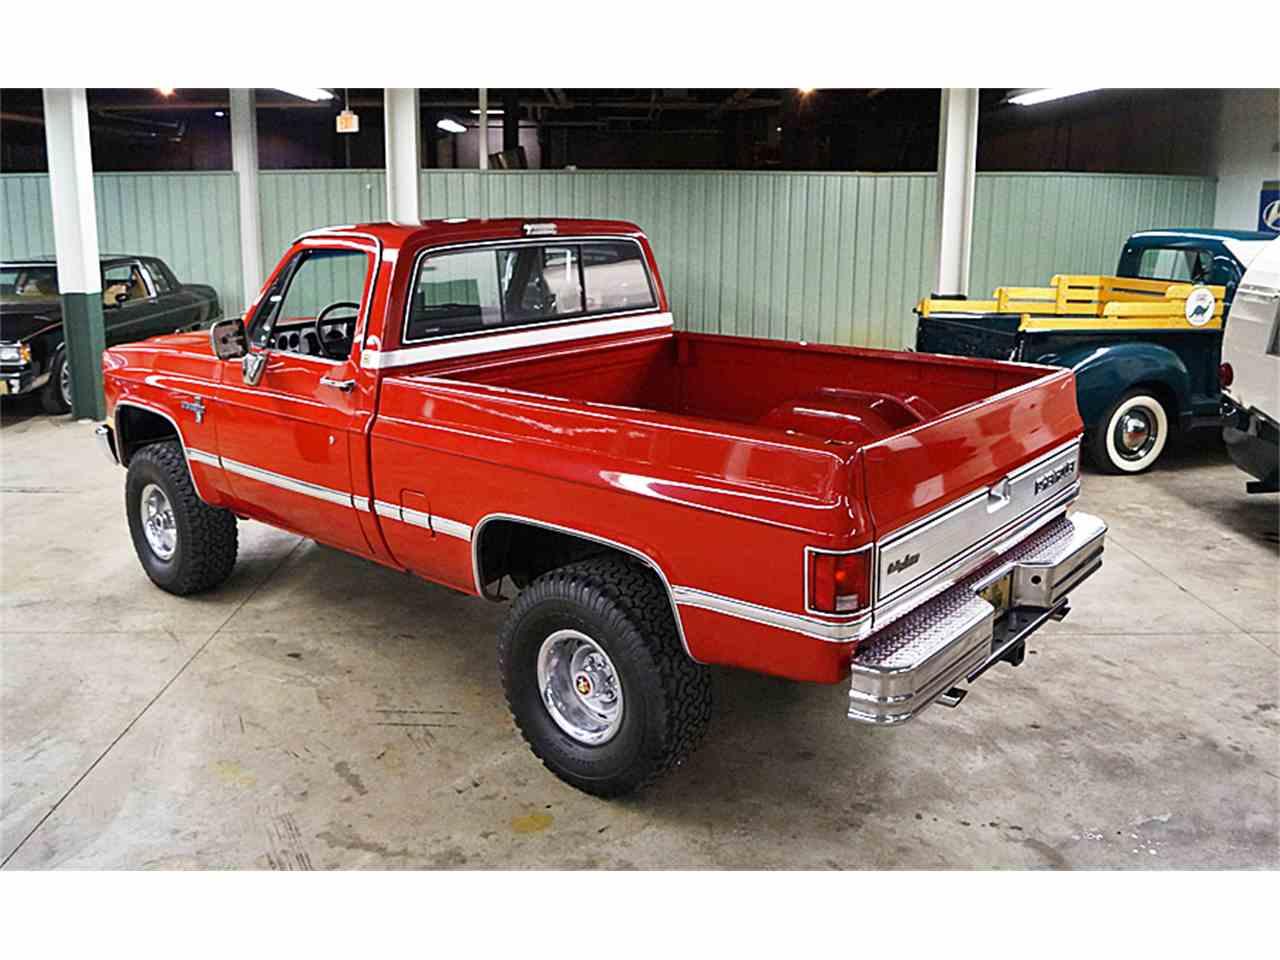 Large Picture of '86 Chevrolet Silverado located in Canton Ohio - $21,500.00 - M6LJ